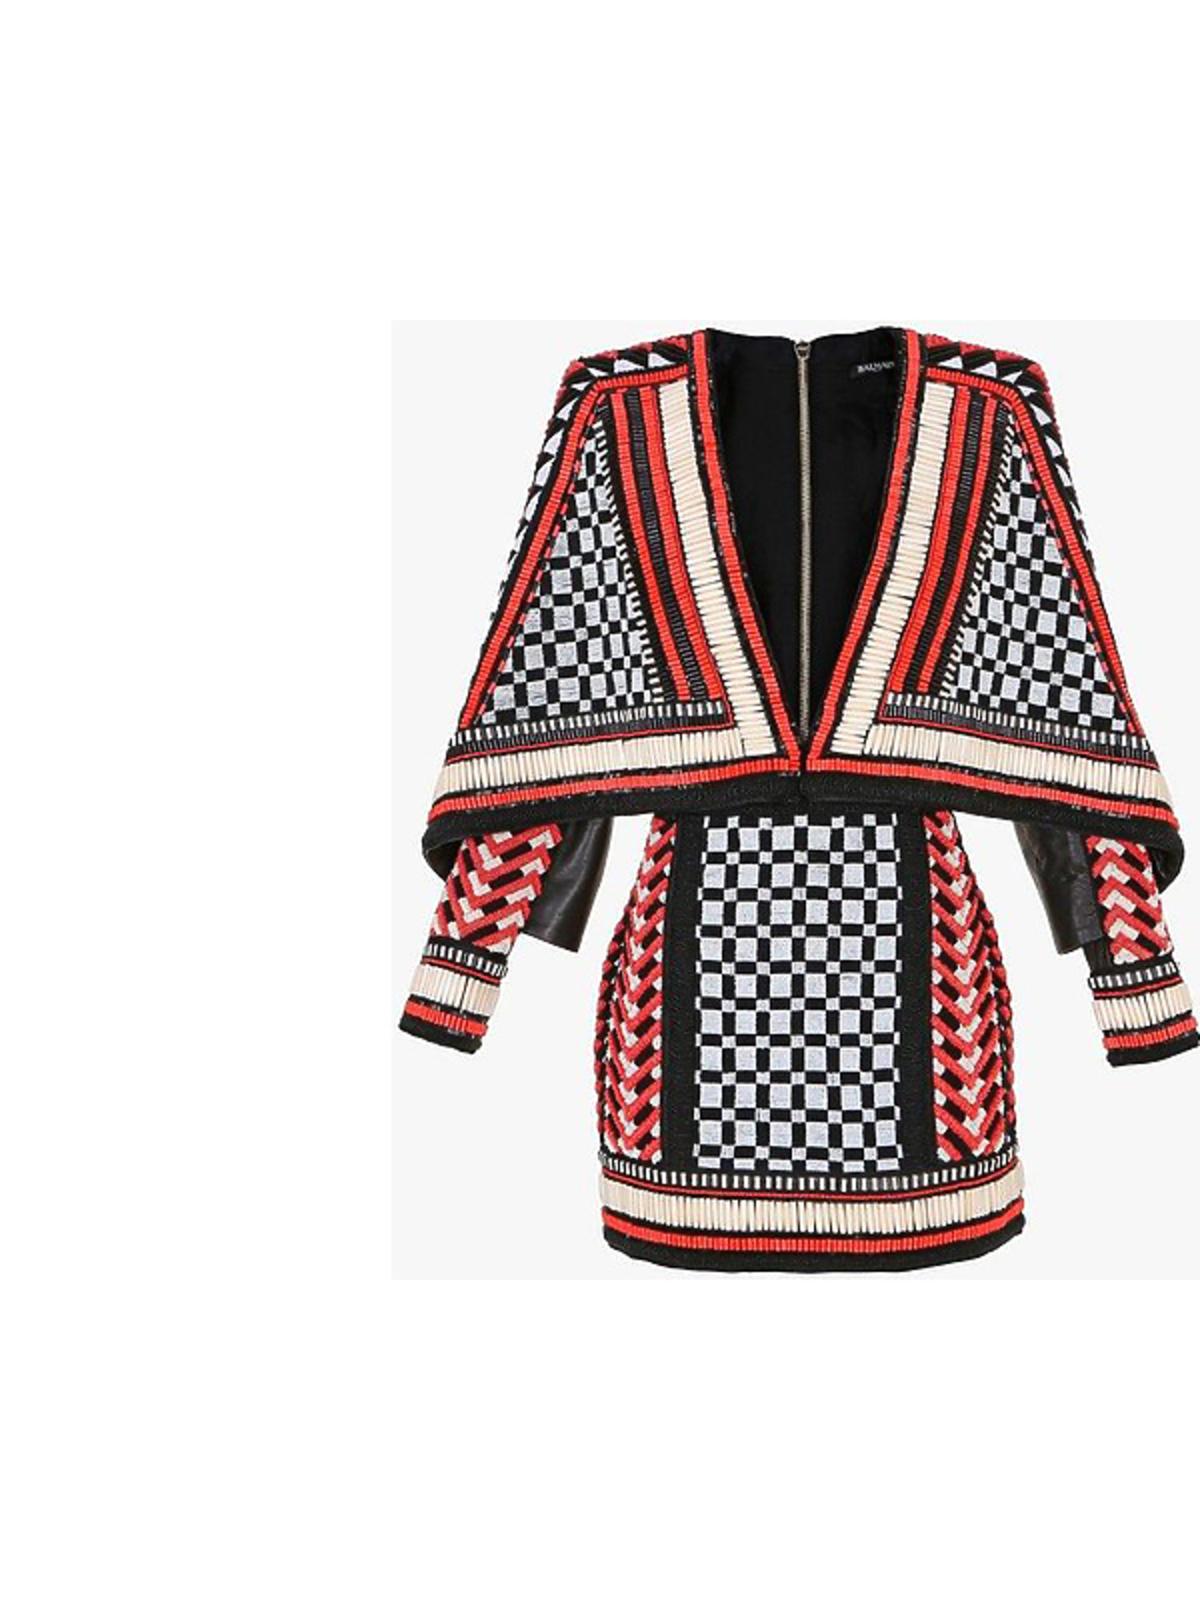 Sukienka Balmain, cena: ok. 50 tysięcy złotych